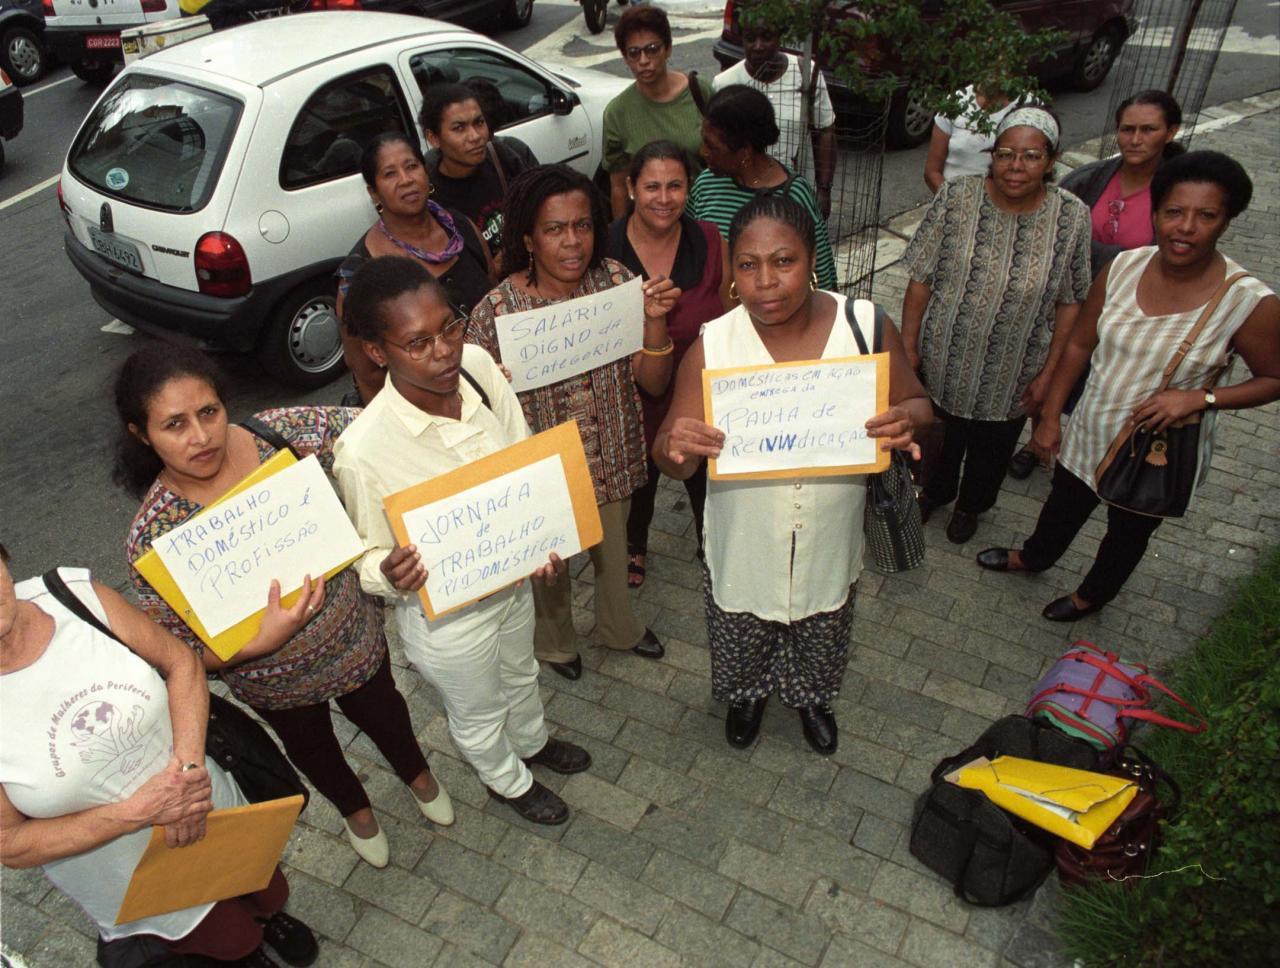 27 de abril, dia de luta das trabalhadoras domésticas